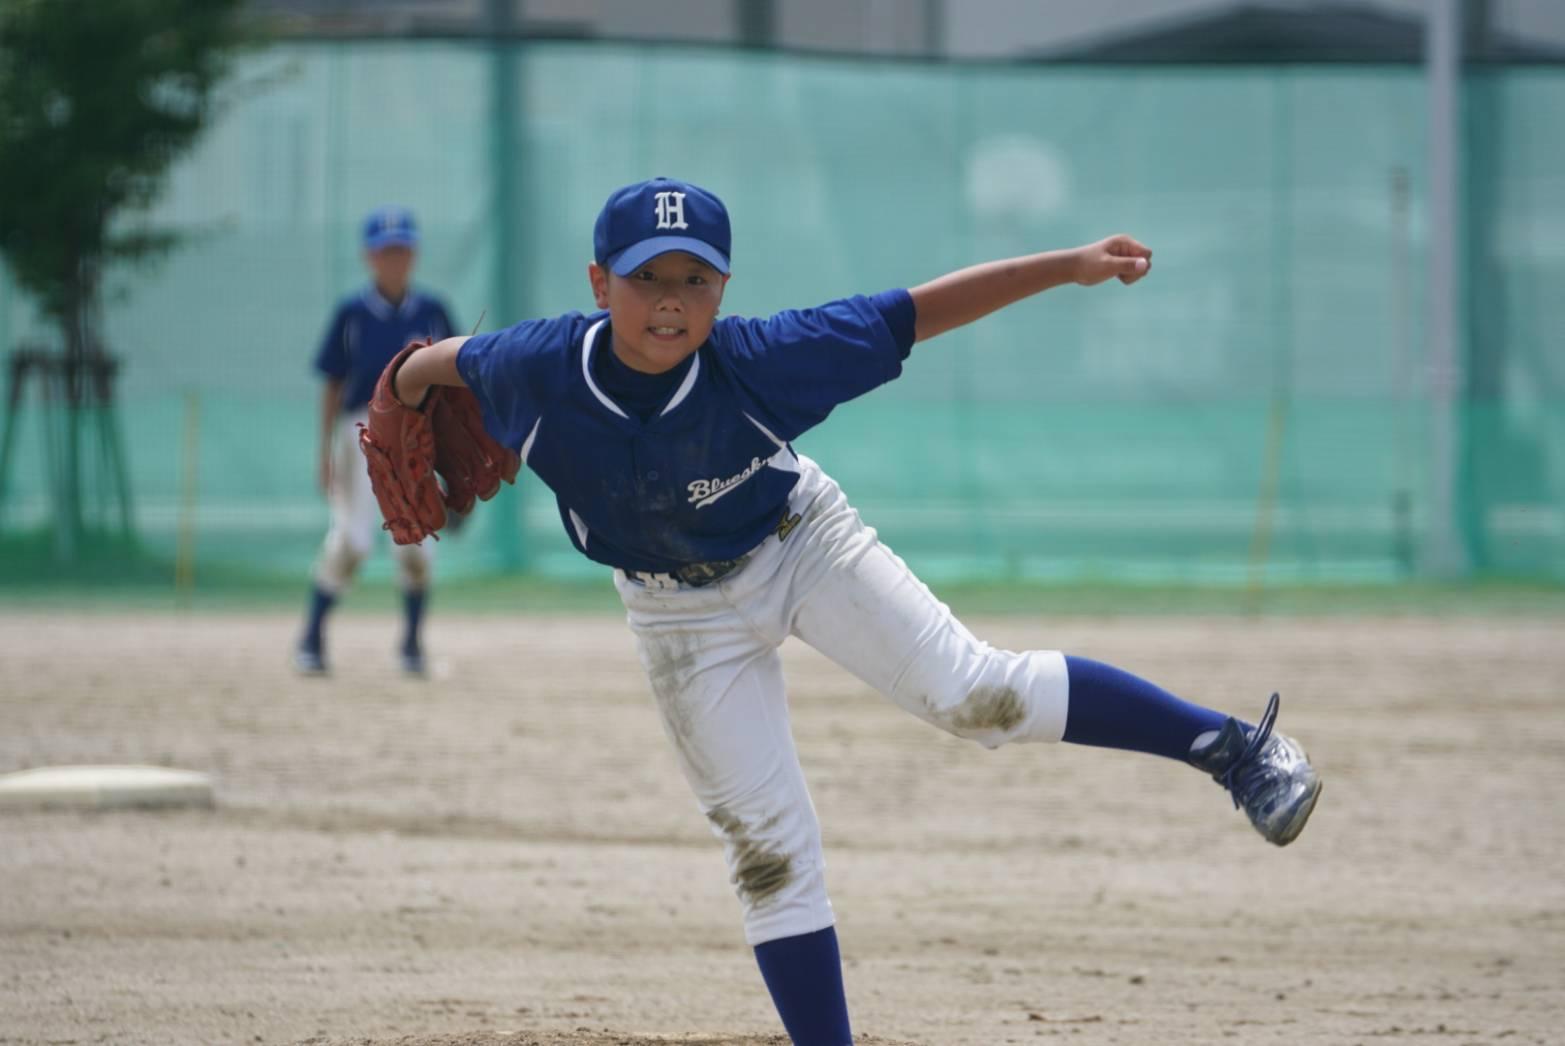 6月29日練習試合結果です!vs信江スポーツ少年団さん_b0095176_08360649.jpeg